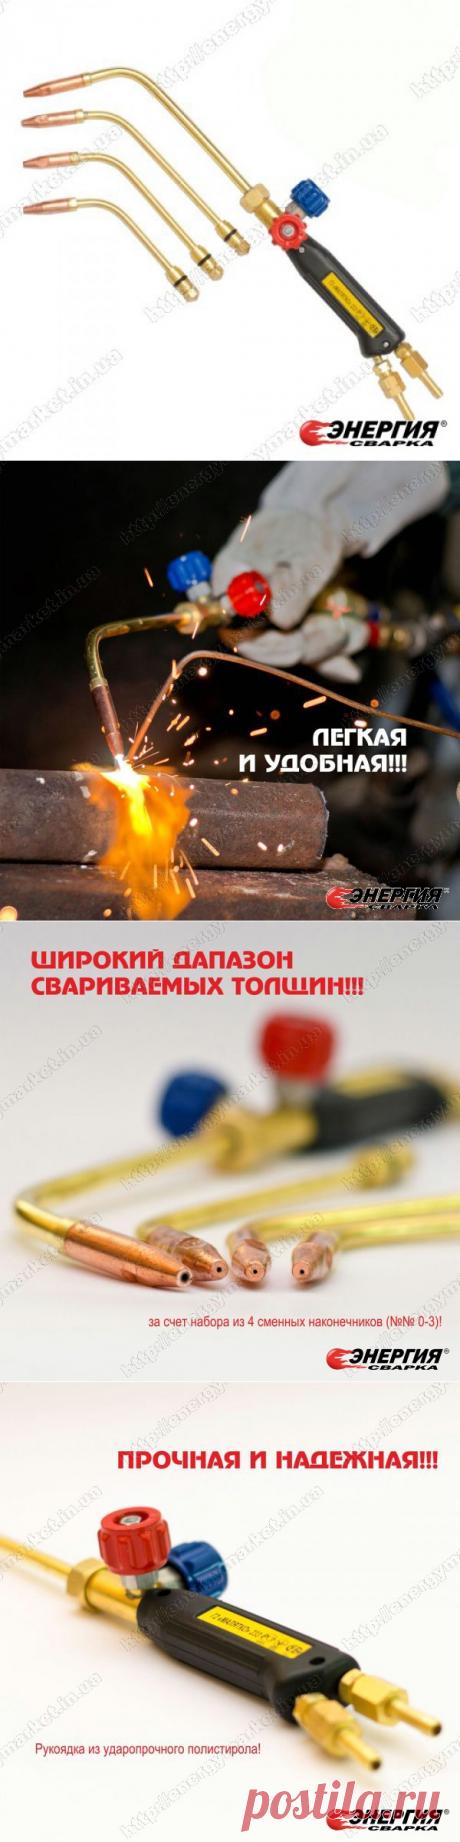 233.000.02 Сварочная горелка Г2 МАЛЯТКО 233   ДОНМЕТ  купить цена Украине